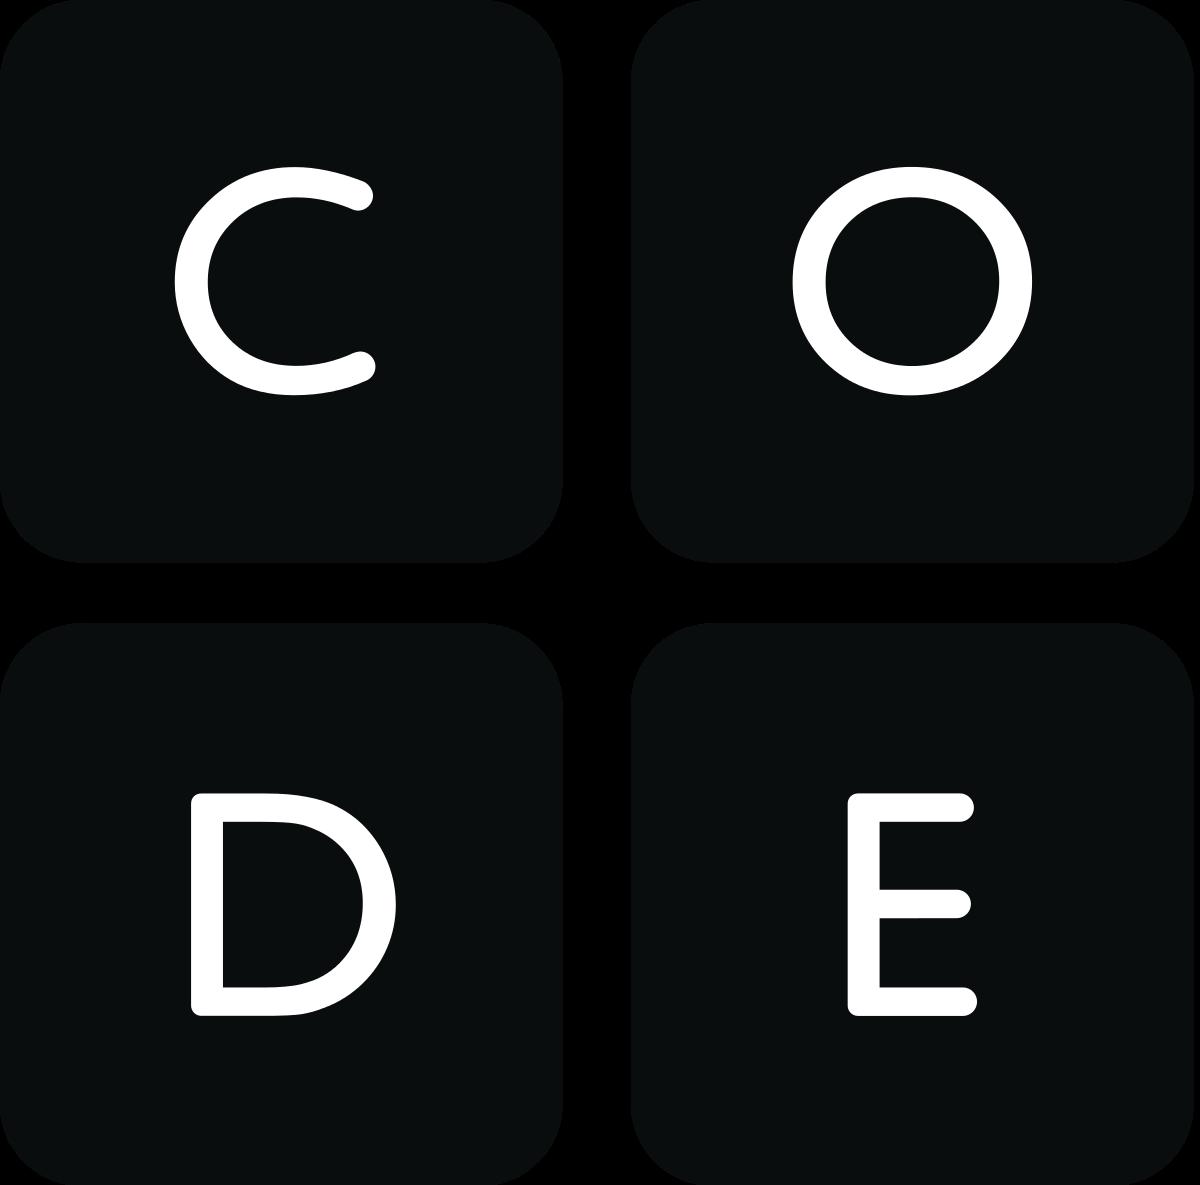 Code.com